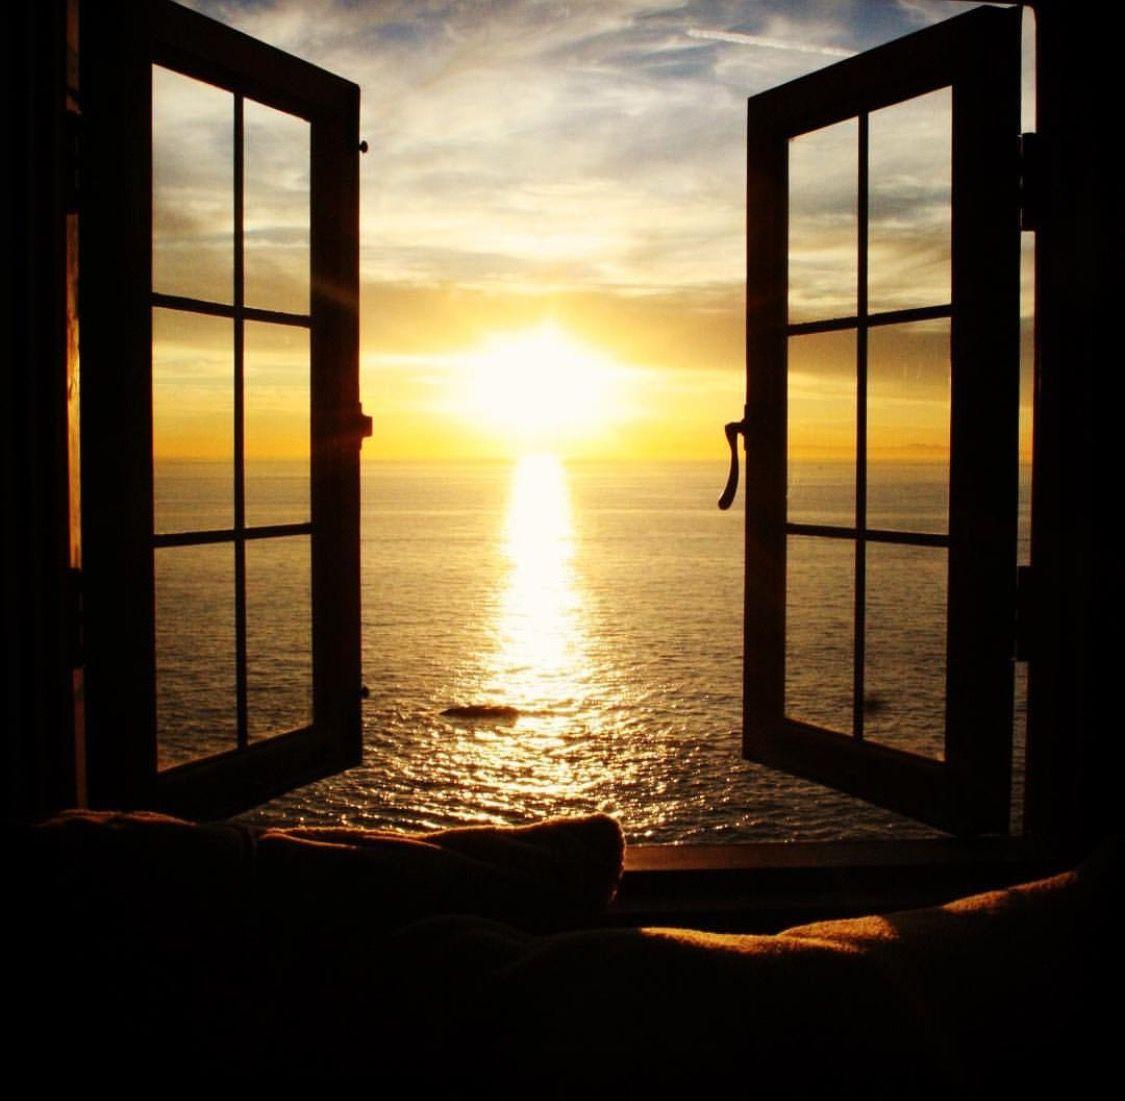 картинки вид из окна на закате хотите убрать